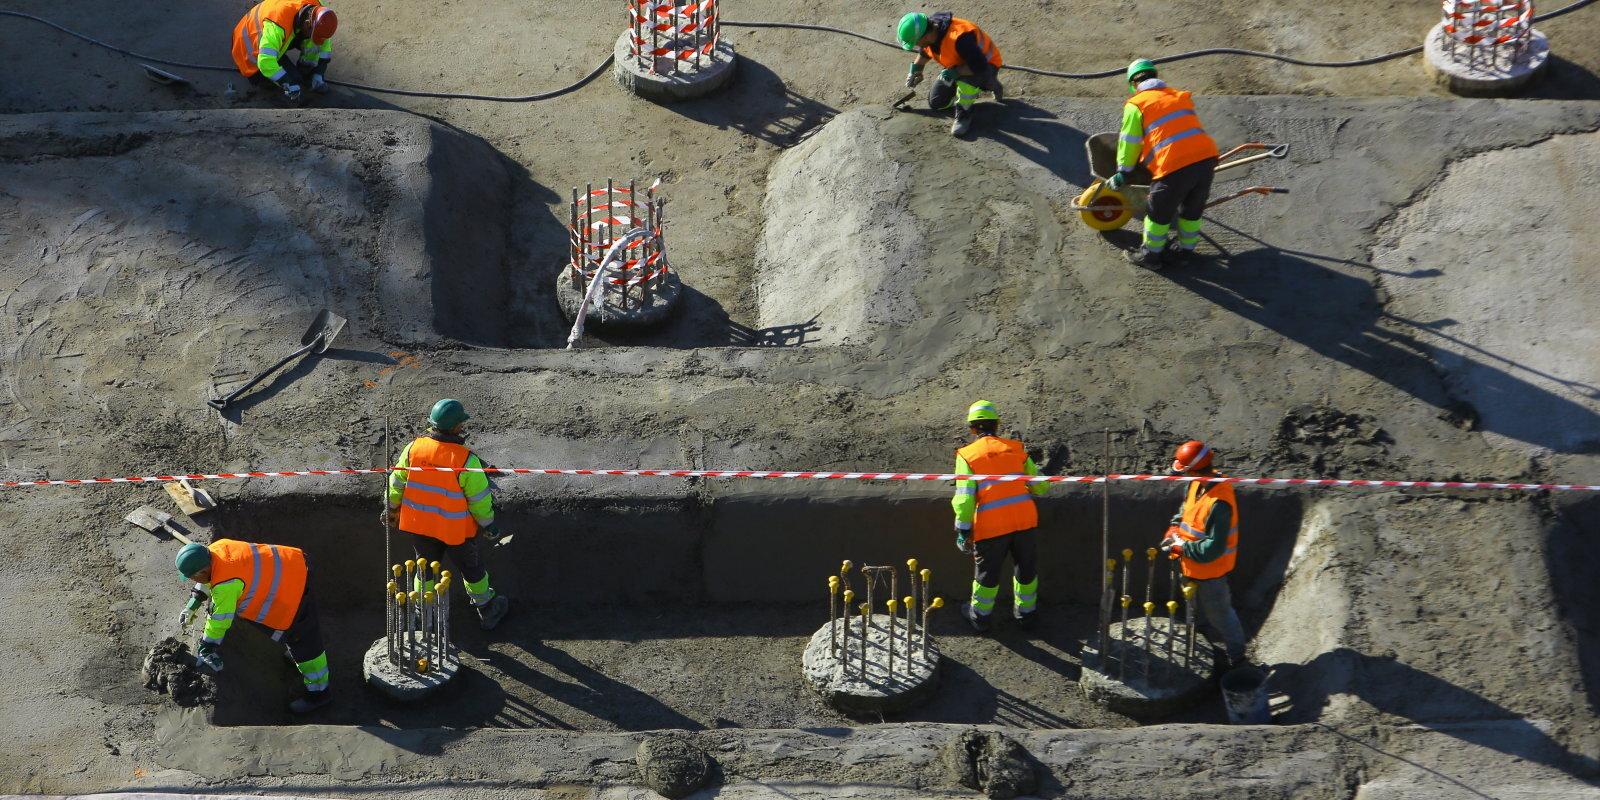 Вирус безработицы. Что происходит с рынком труда в Латвии?